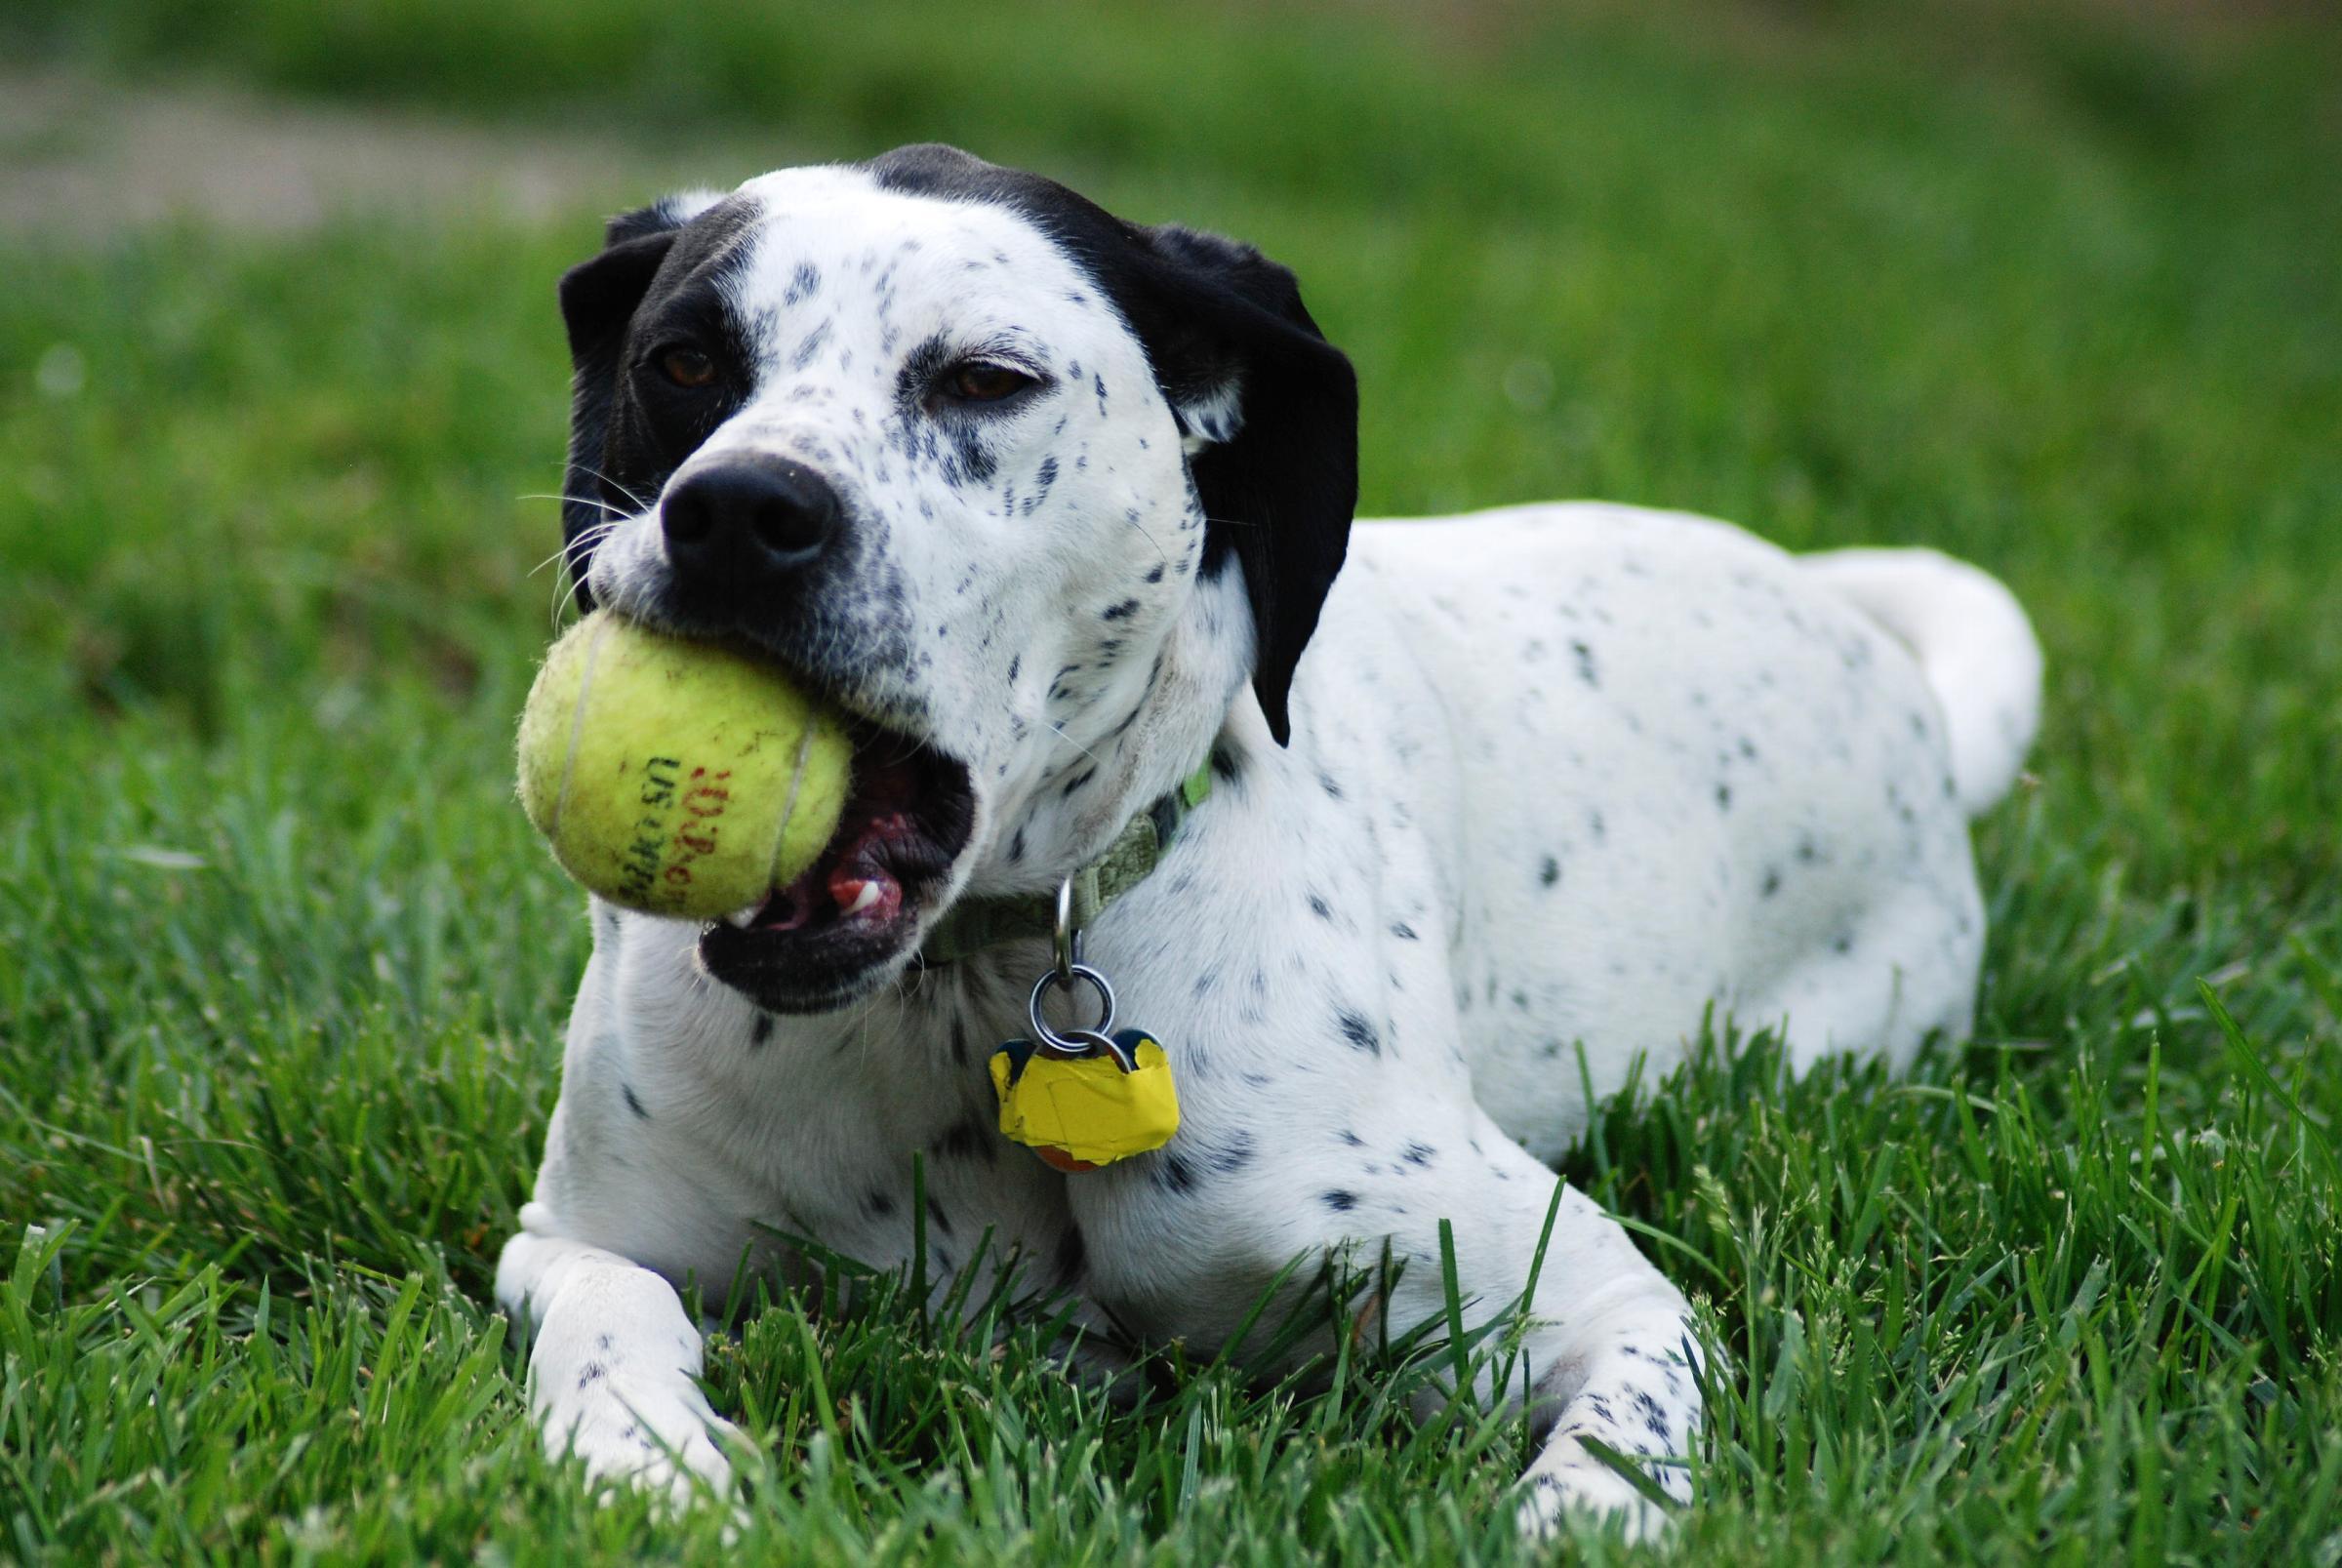 Sfondi animali hd per desktop cane sfondi hd gratis for Sfondi animali hd